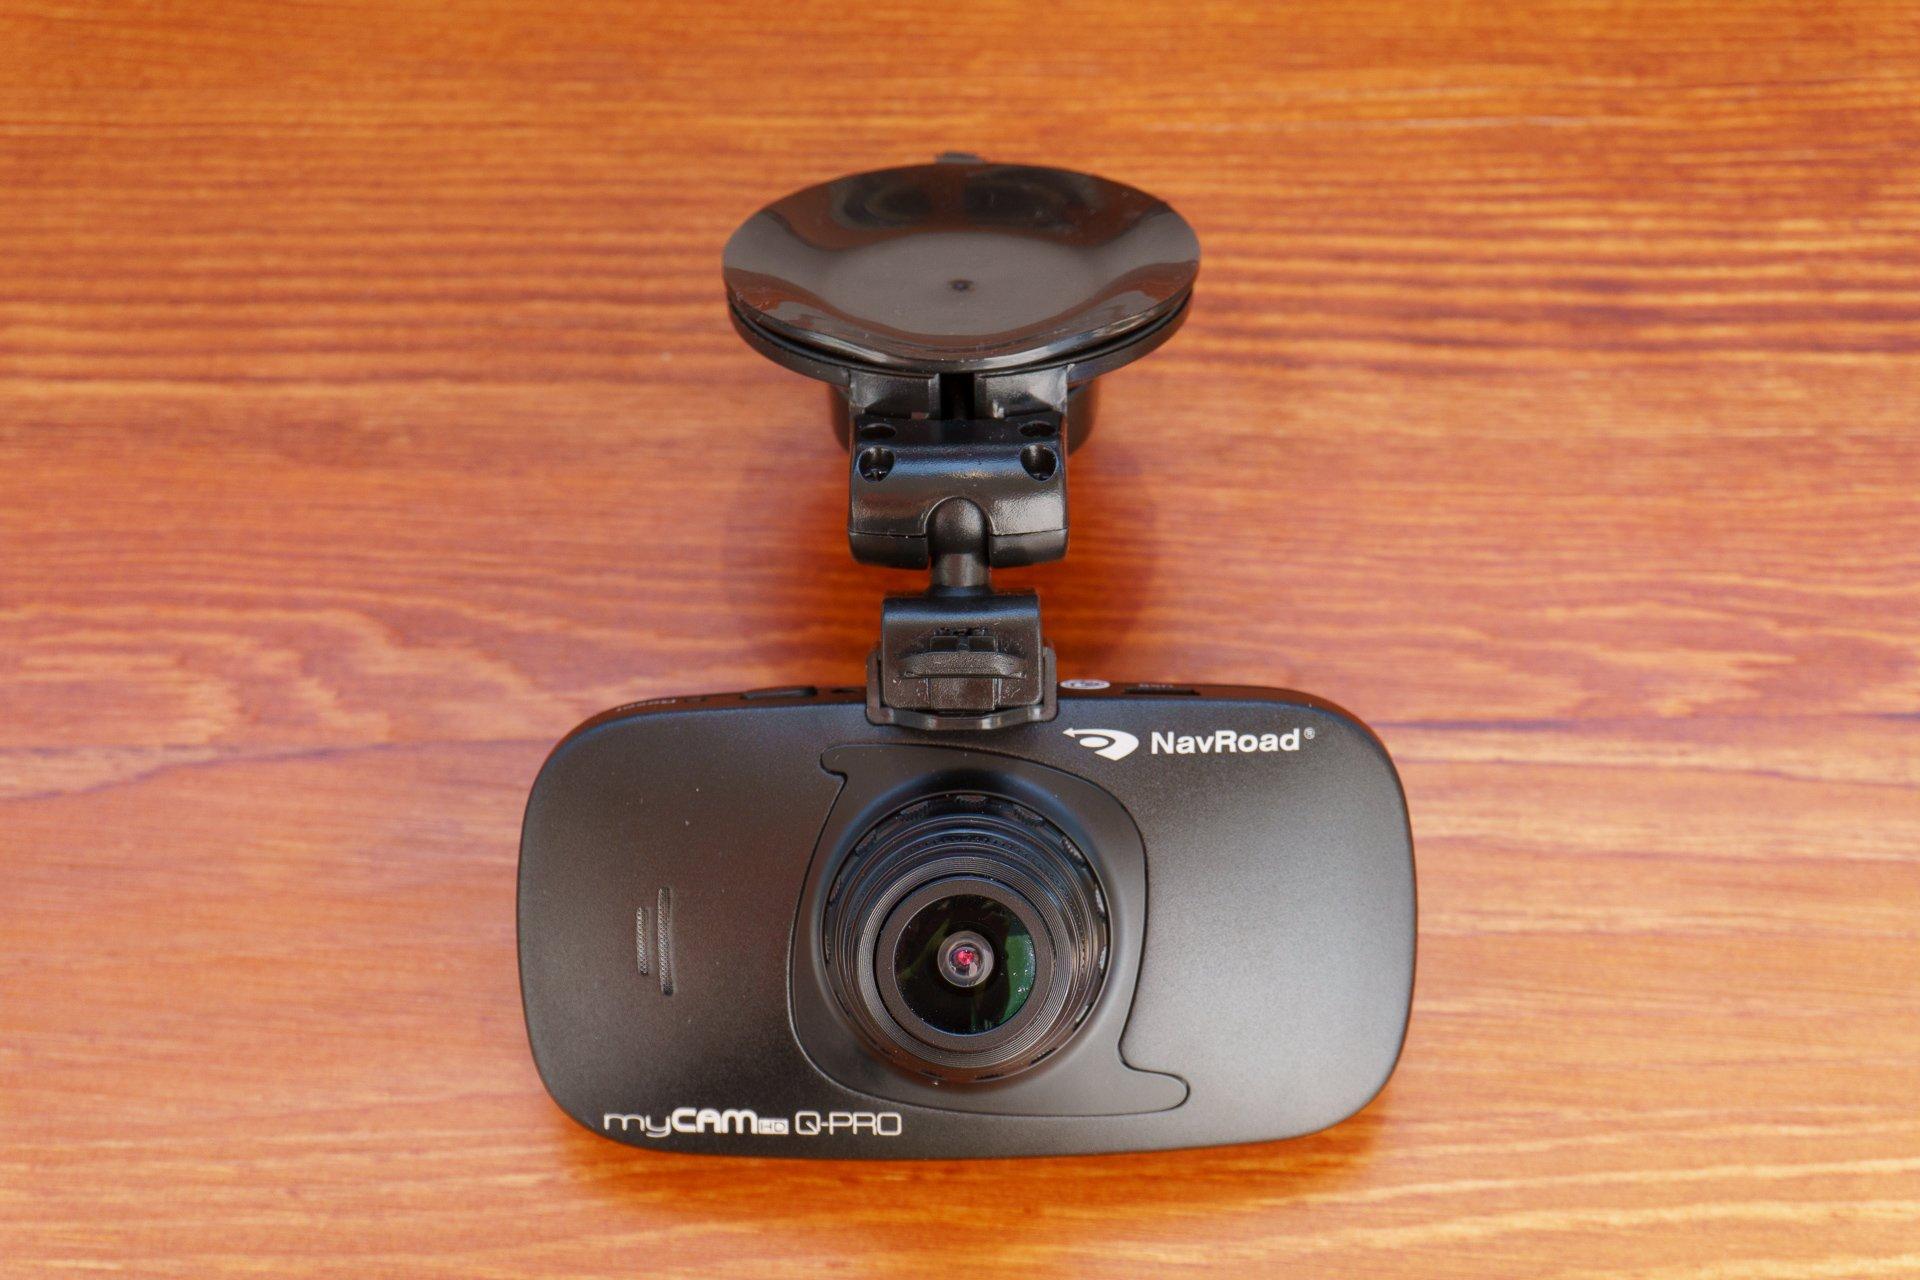 Recenzja NavRoad myCAM HD Q-PRO – jest nieźle, mogłoby być lepiej 24